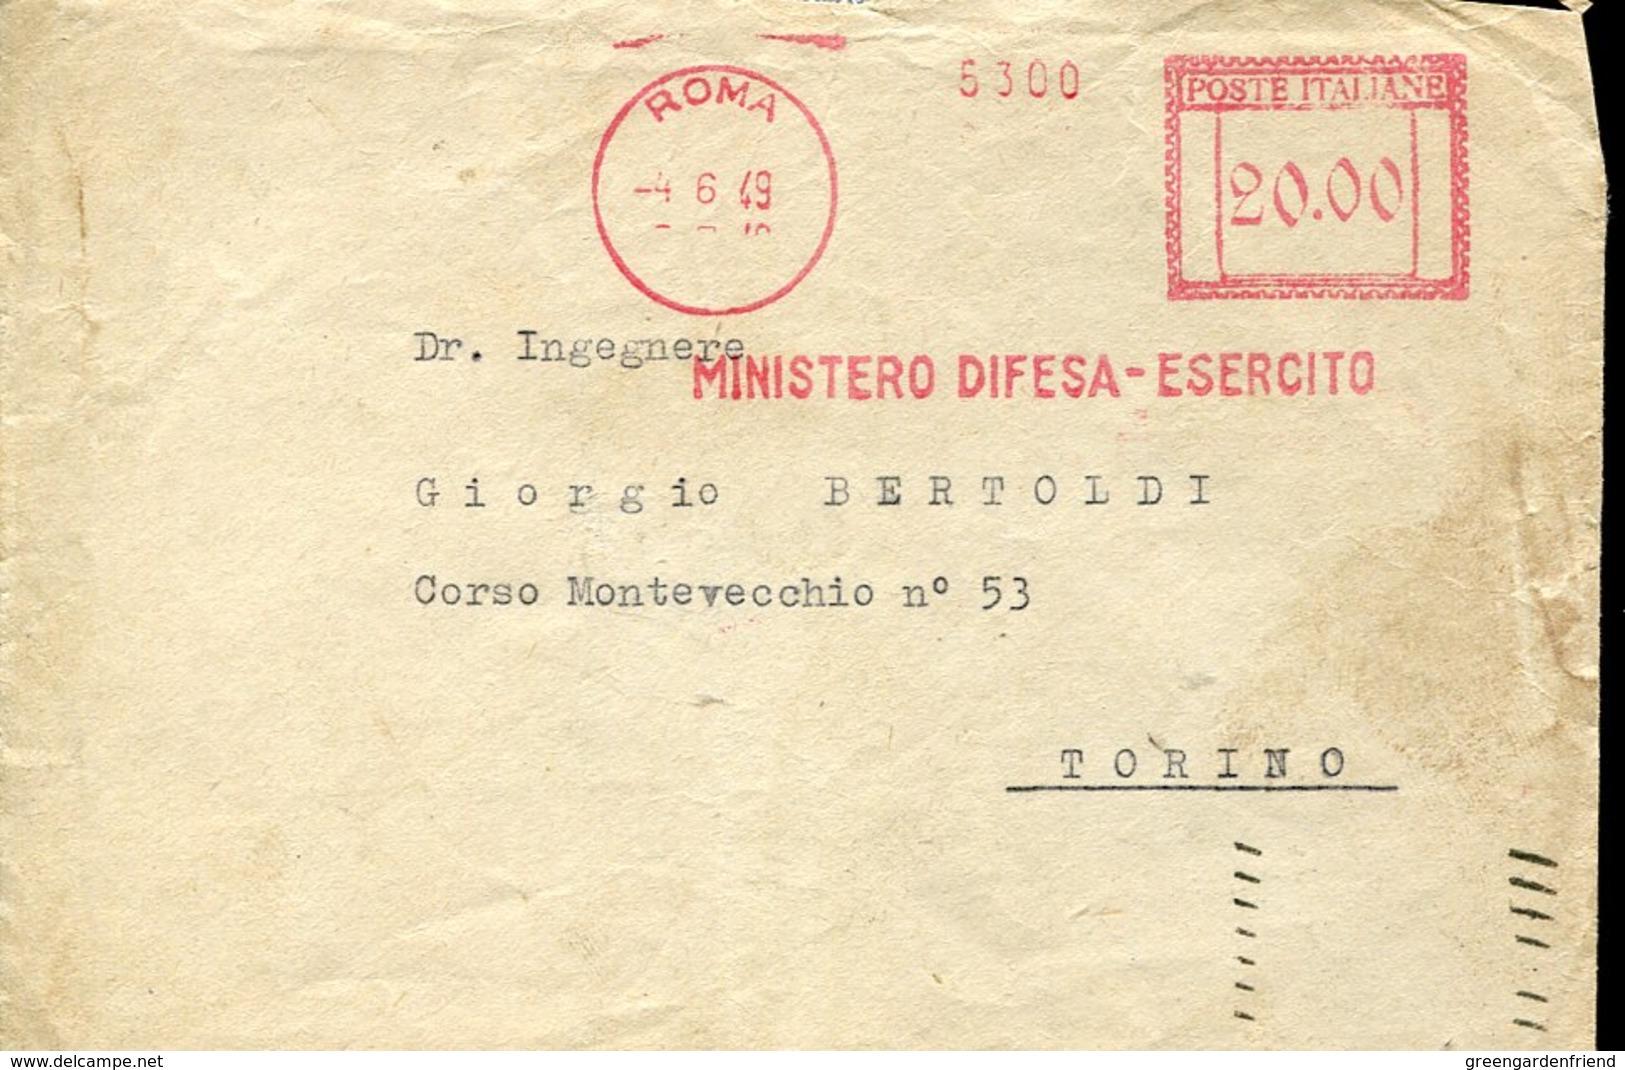 42765 Italia, Red Meter Freistempel Ema, 1949 Roma Ministero Difesa Esercito - Affrancature Meccaniche Rosse (EMA)